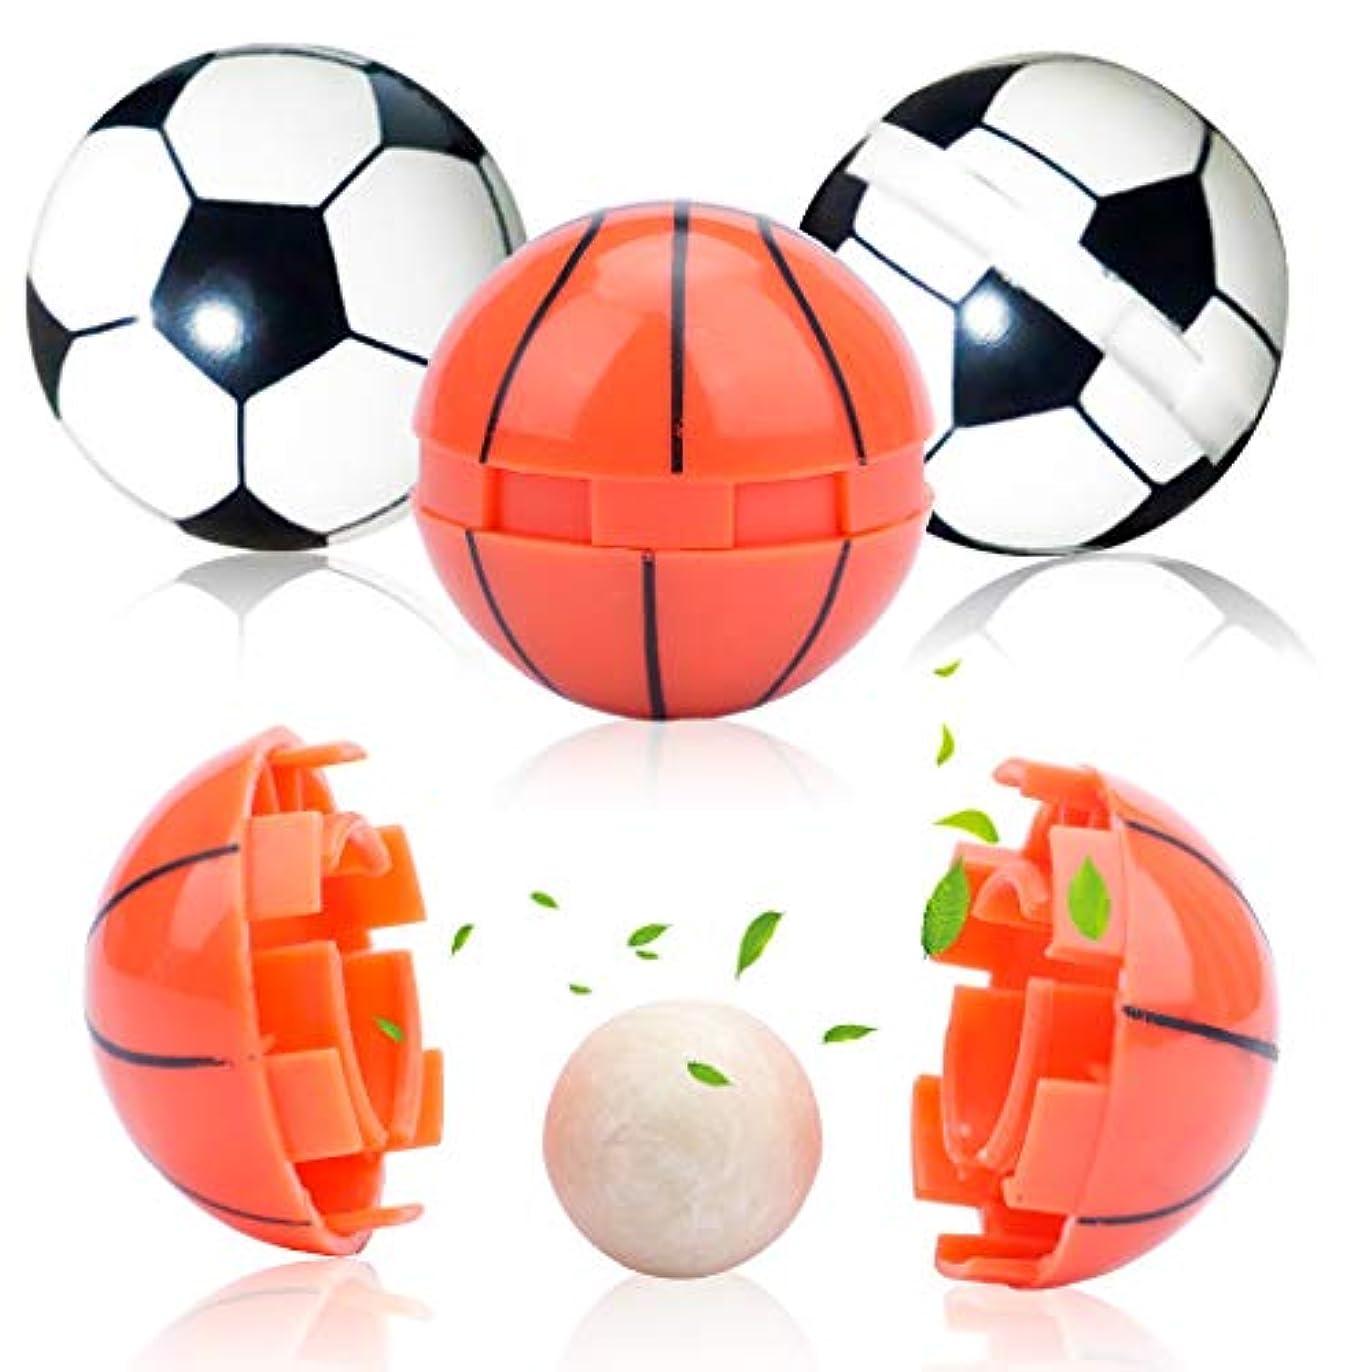 最高おもしろい人類Amycute アロマ アロマボール 香り玉 4点セット (18mm)750g 丸型 サッカー&バスケットボールデザイン 香りが長続き